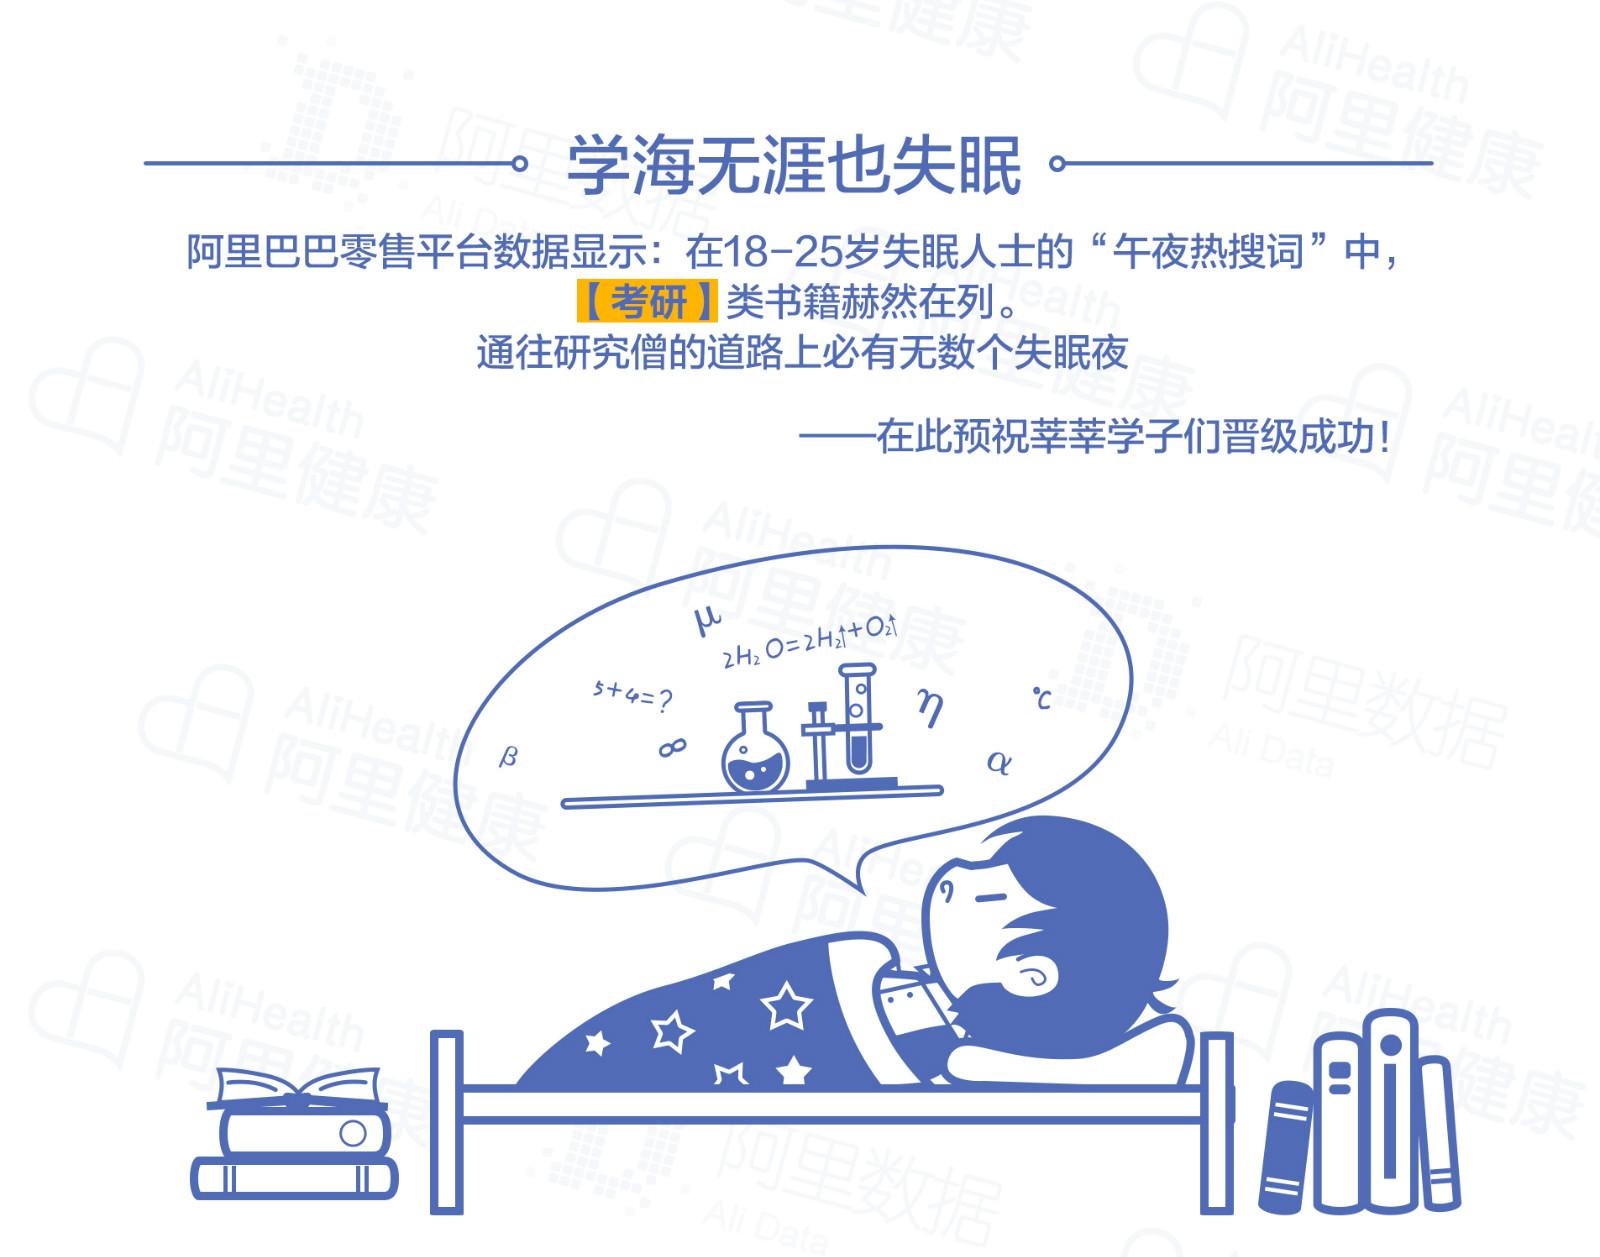 失眠页面0_08_meitu_14